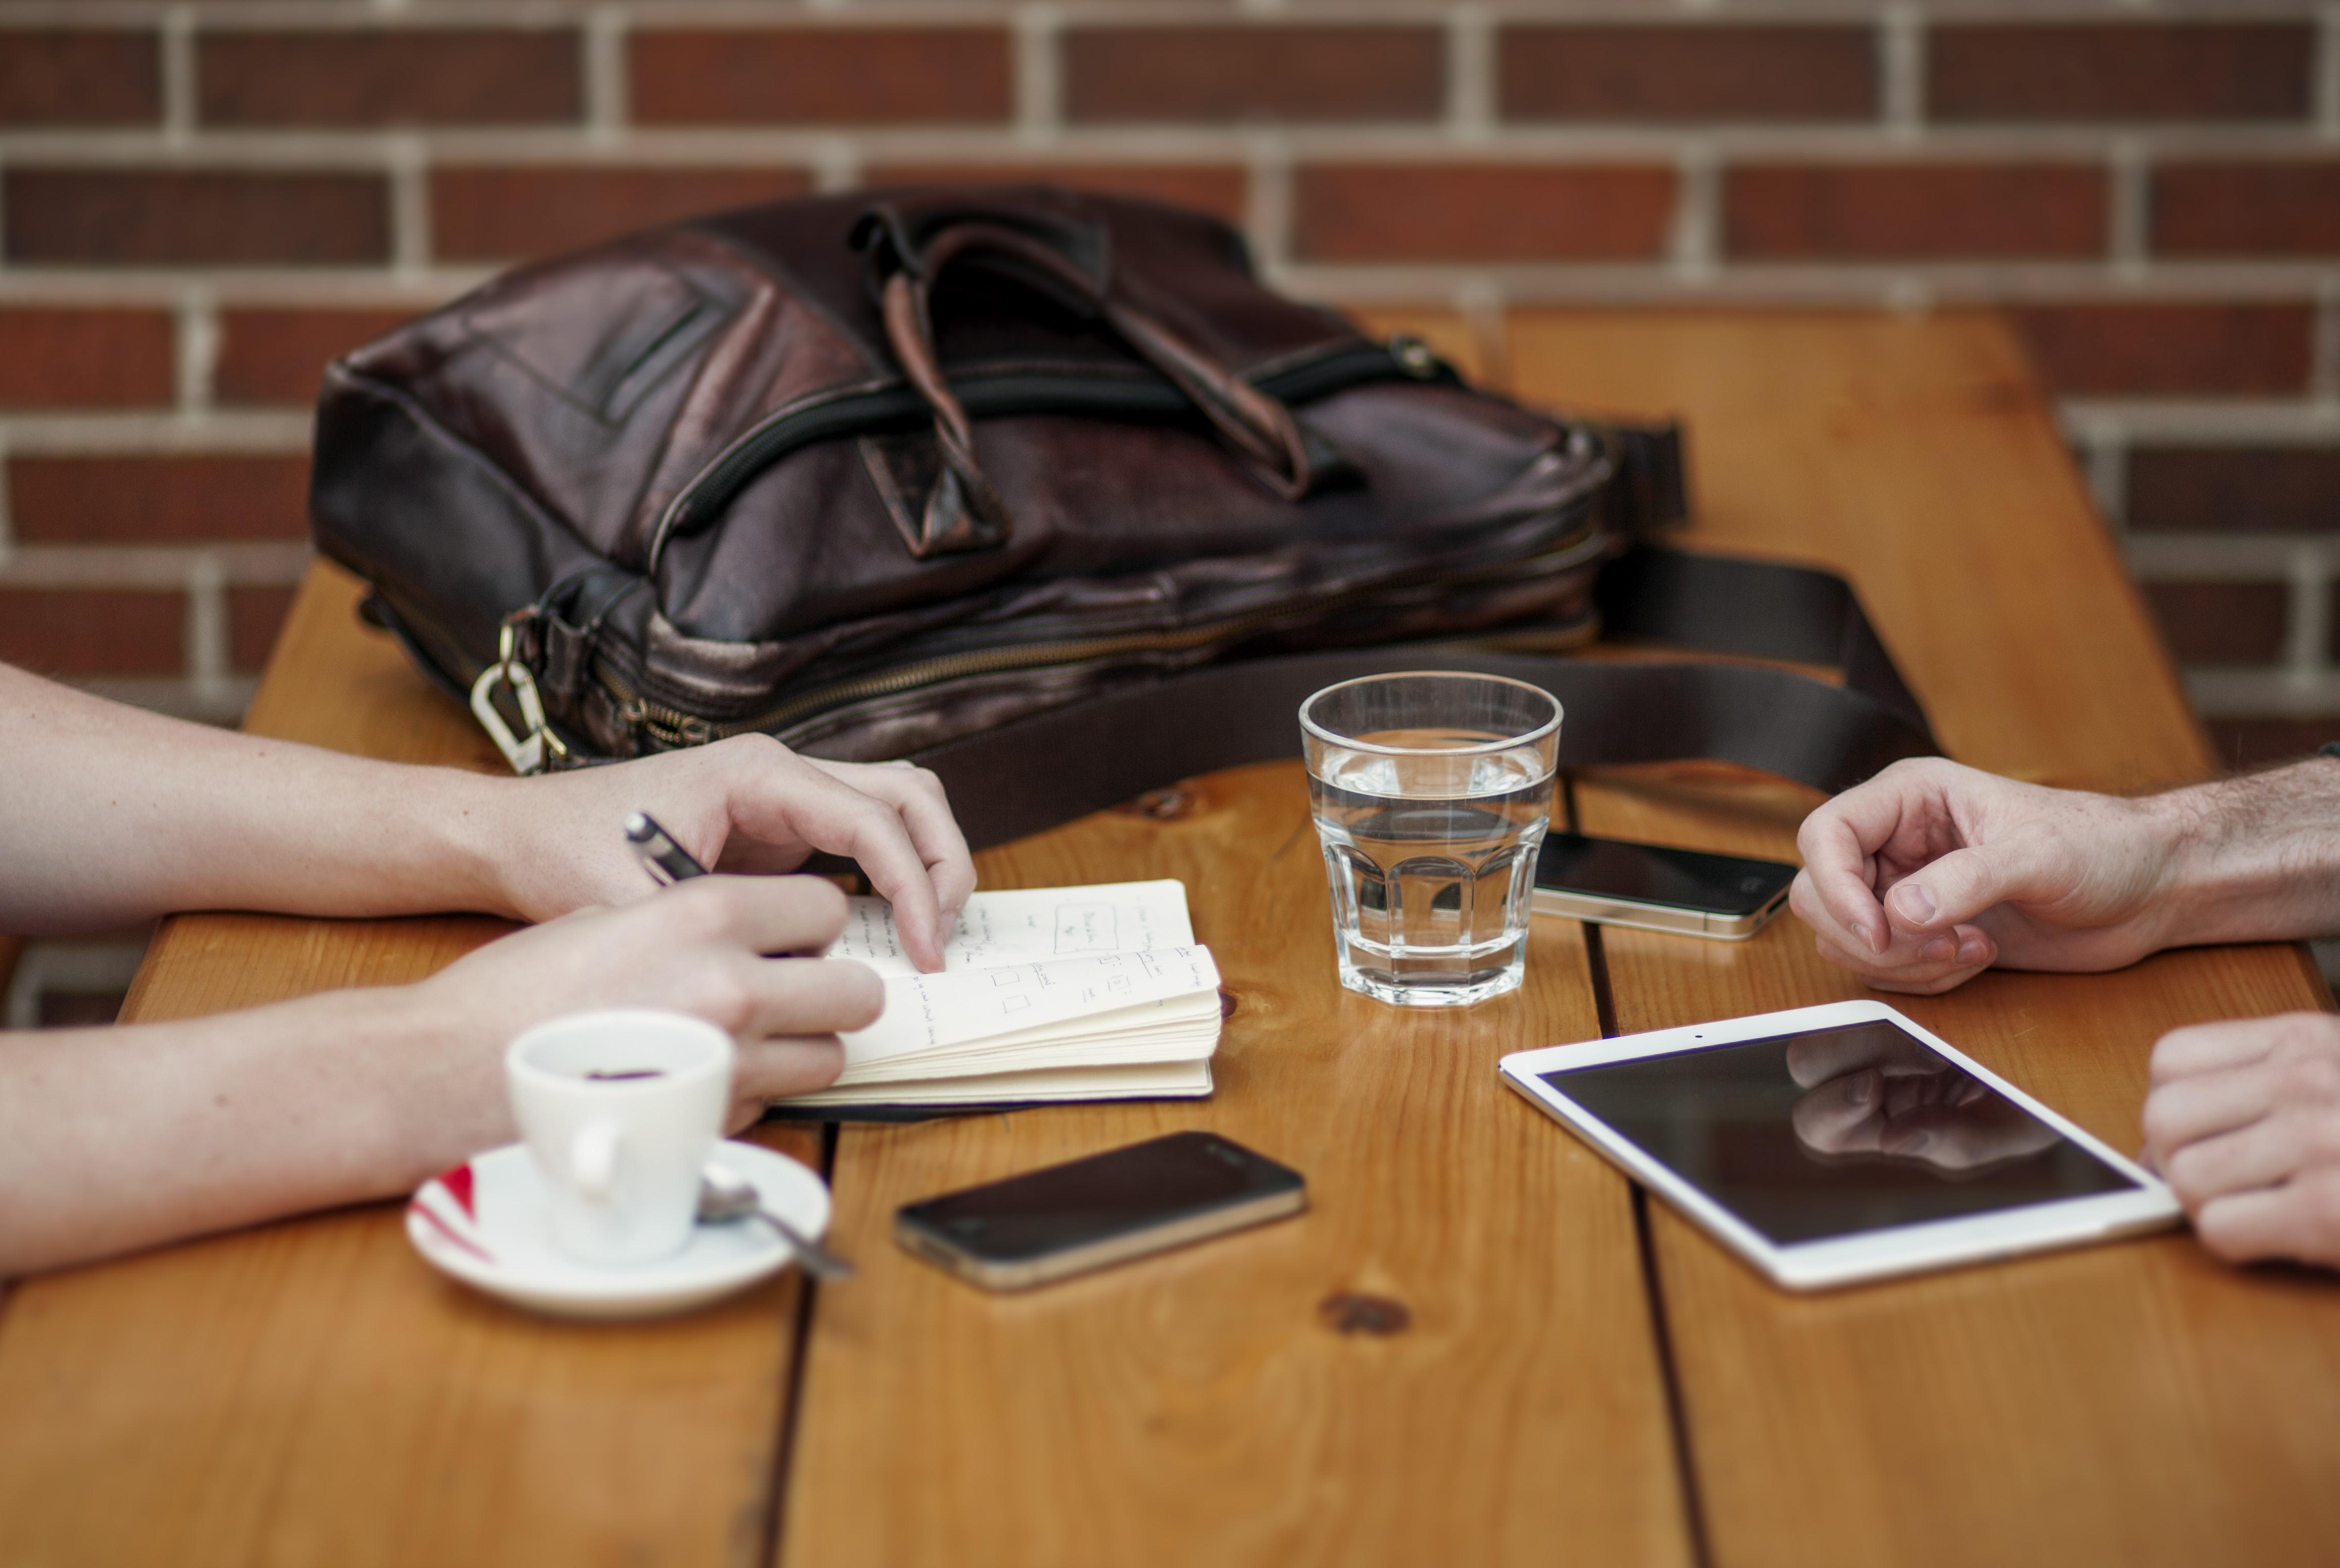 dos personas sentadas delante de la mesa